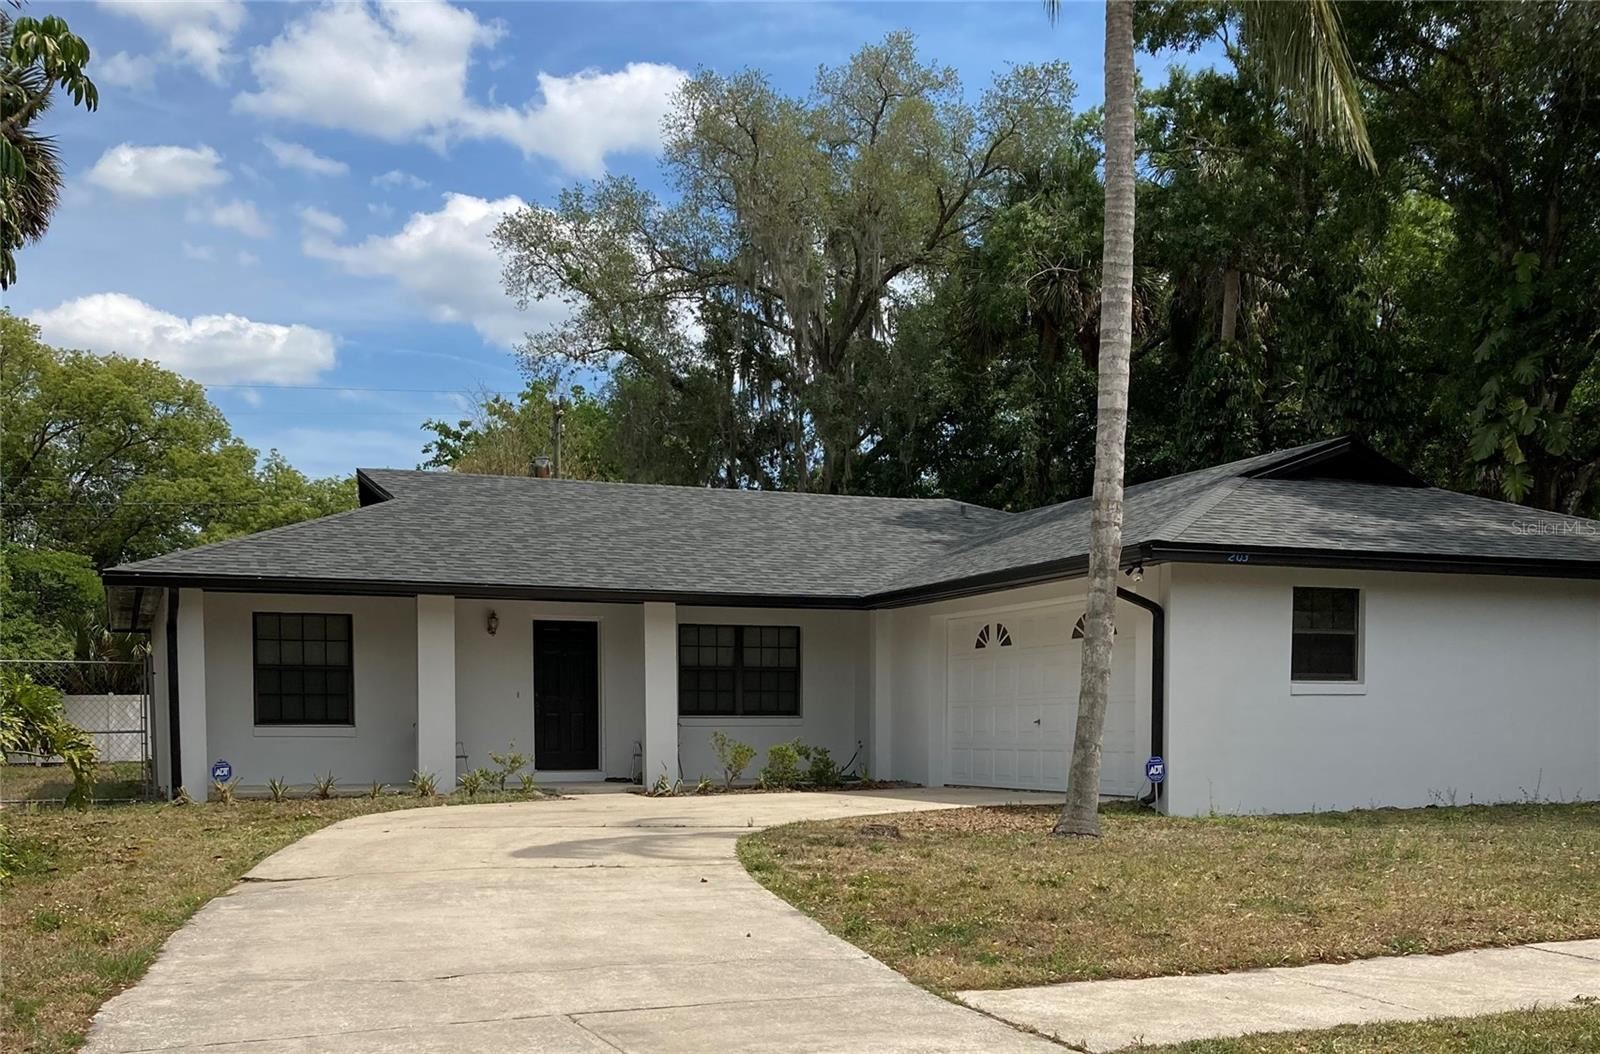 203 S SCOTT AVENUE, Sanford, FL 32771 - #: O5933386